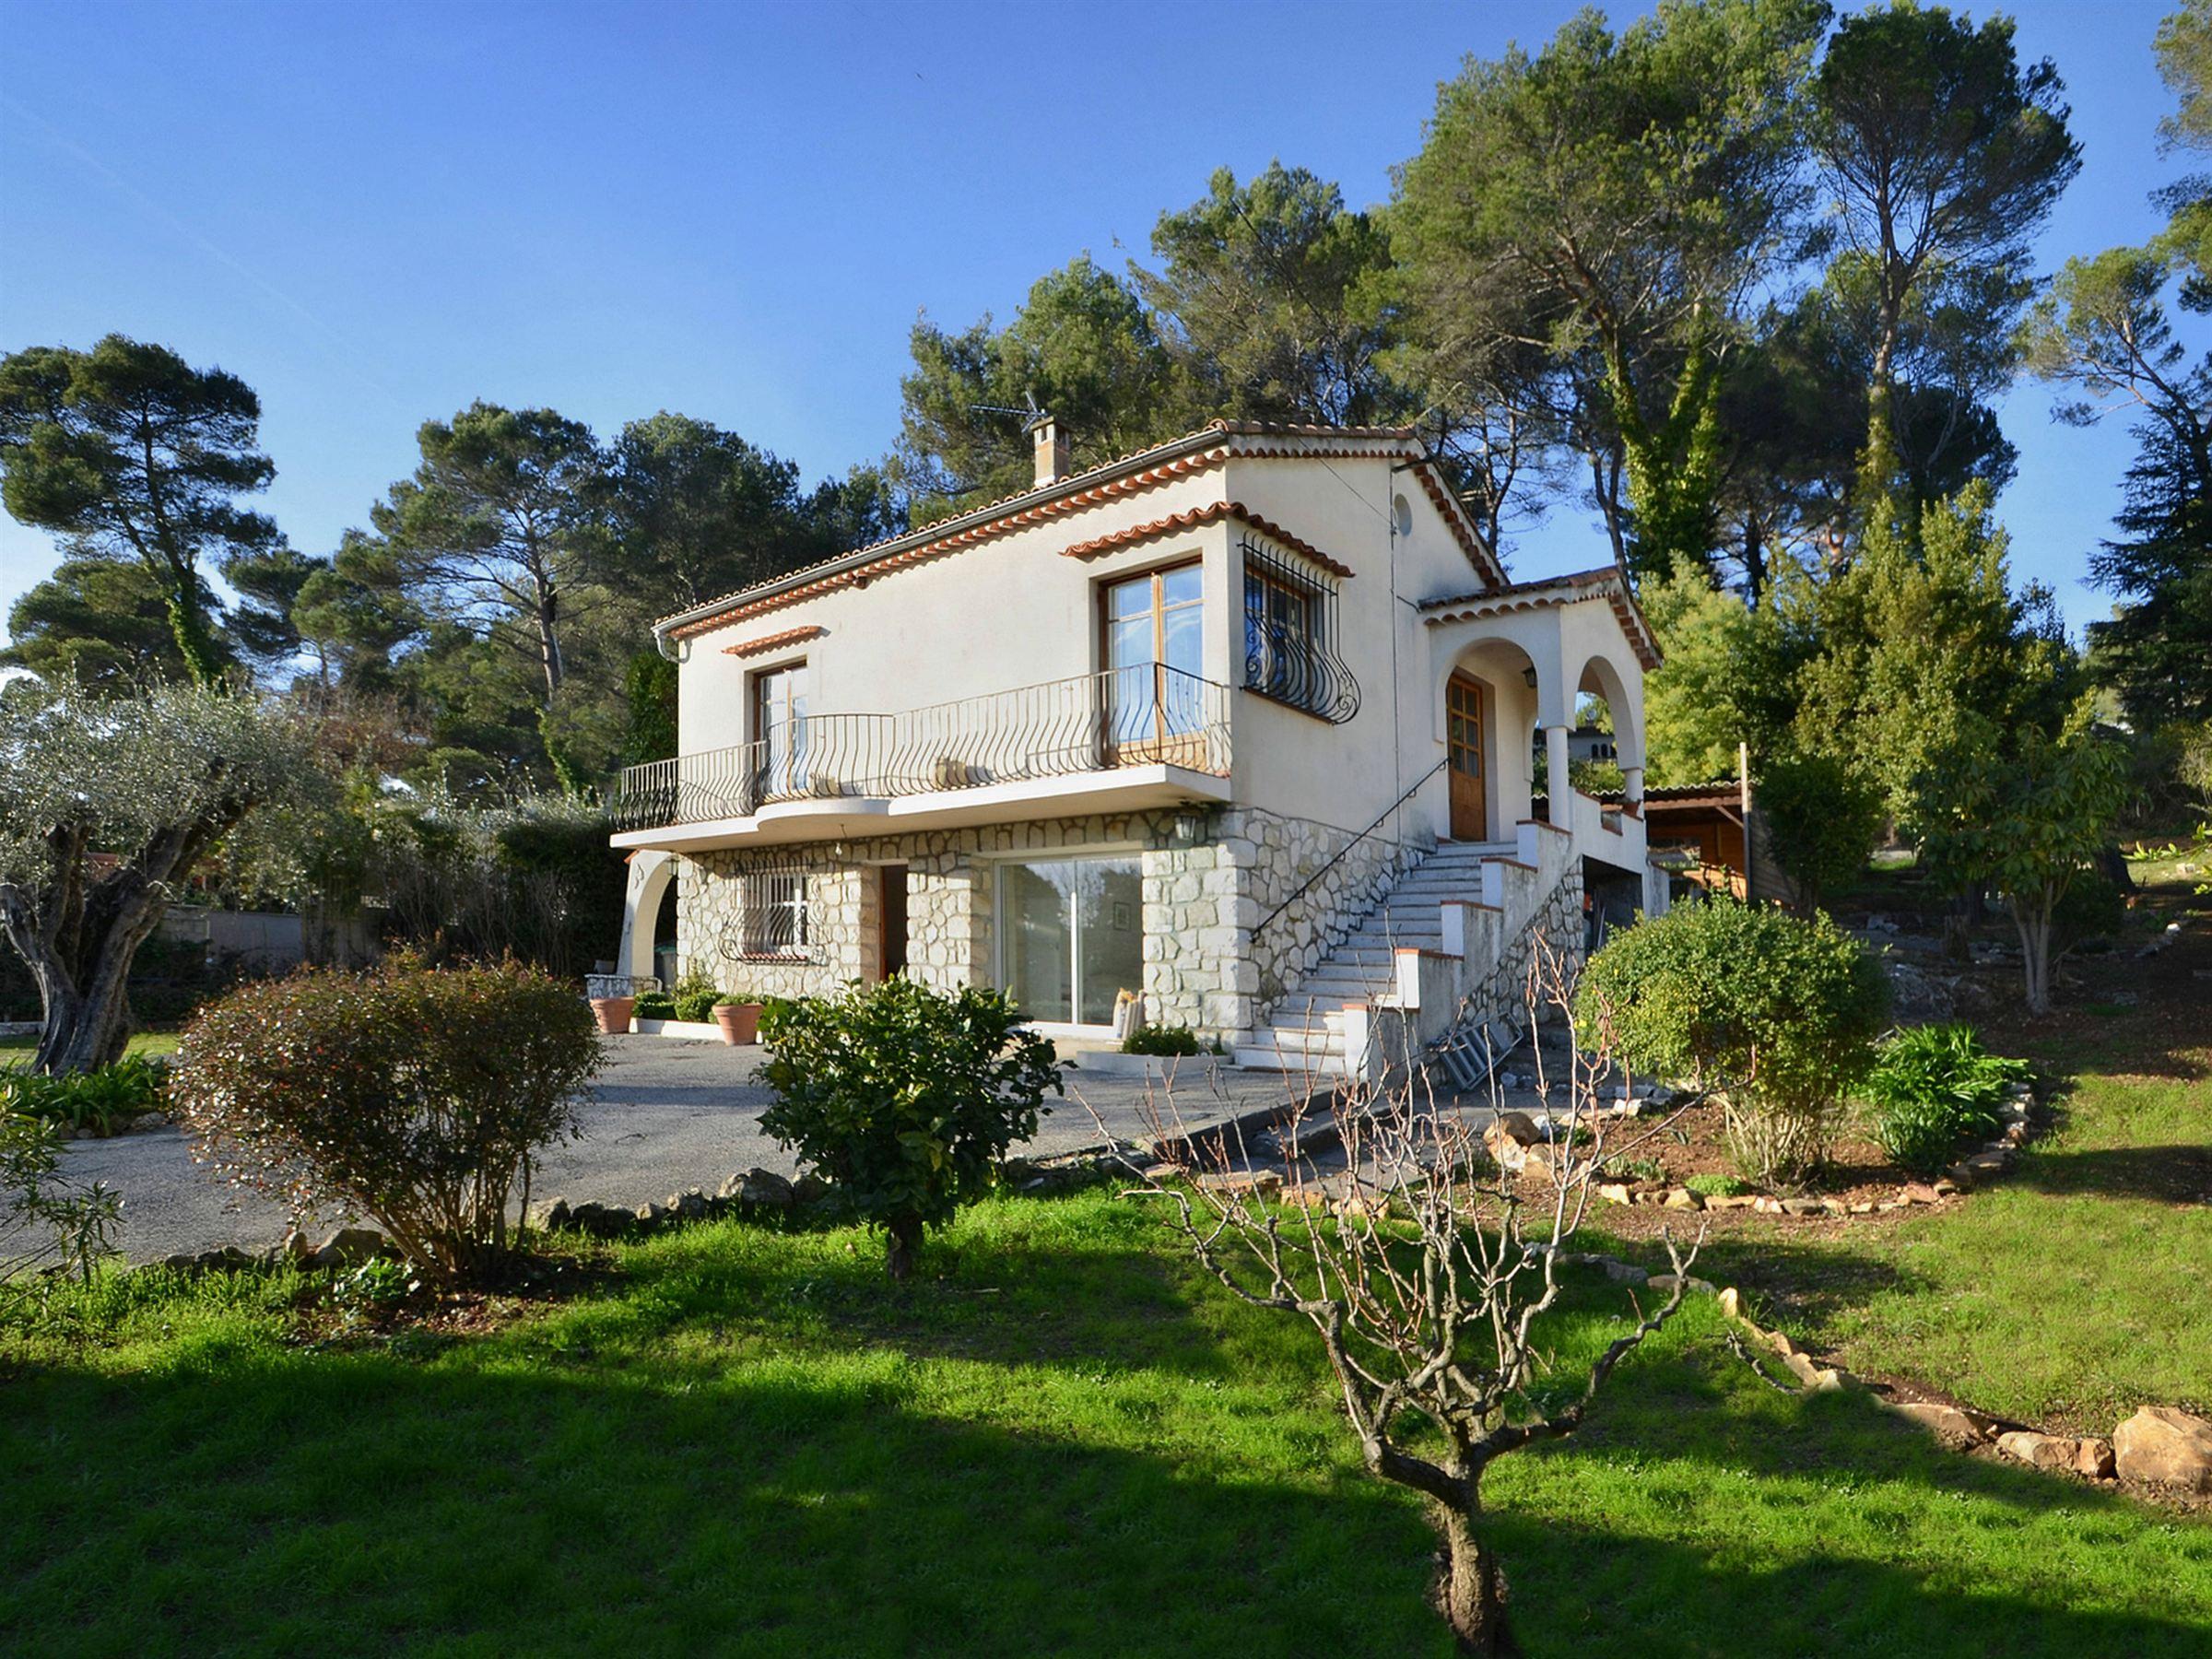 Villa per Vendita alle ore Mougins, villa for sale in a private estate close to the golf Mougins, Provenza-Alpi-Costa Azzurra 06250 Francia